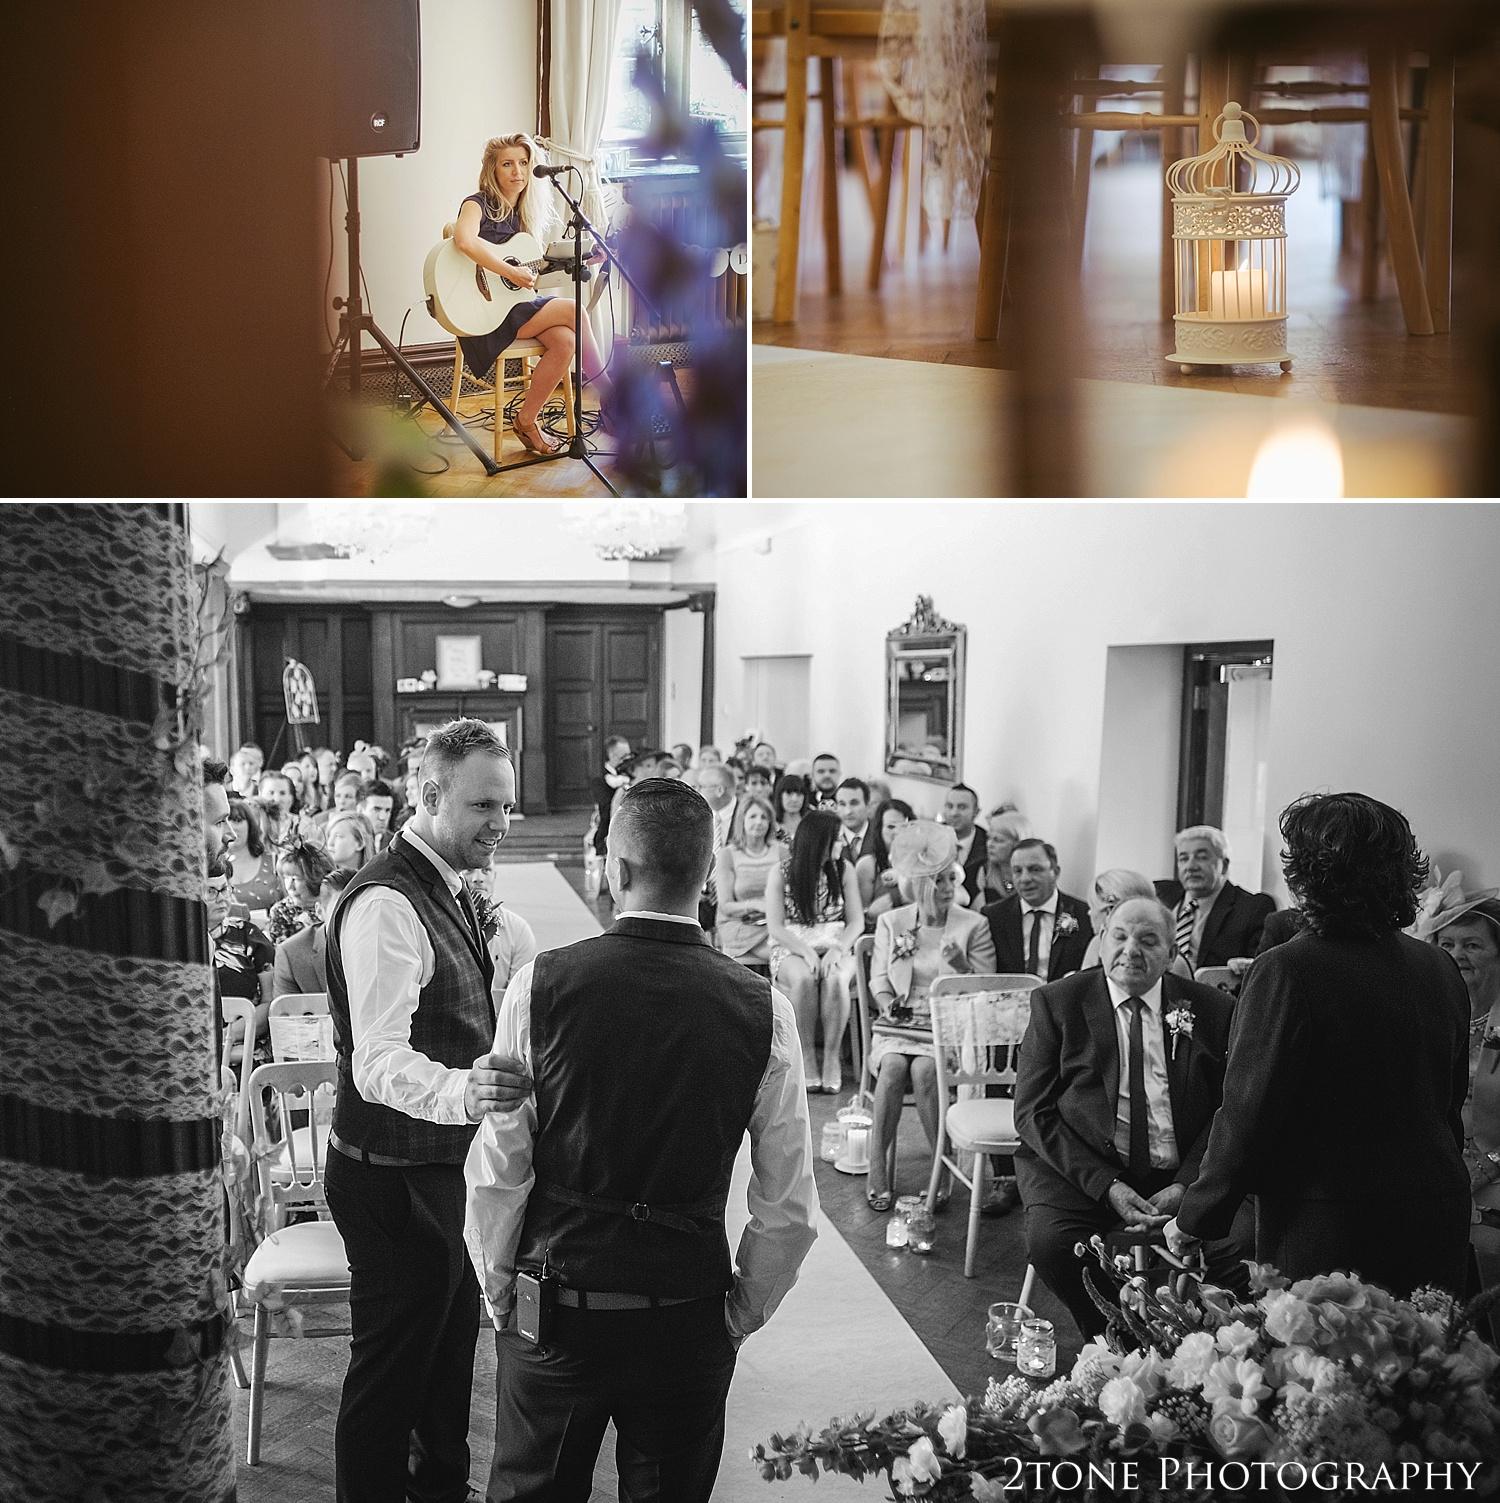 Wedding ceremony.  Wedding photography at Guyzance Hall by wedding photographers www.2tonephotography.co.uk